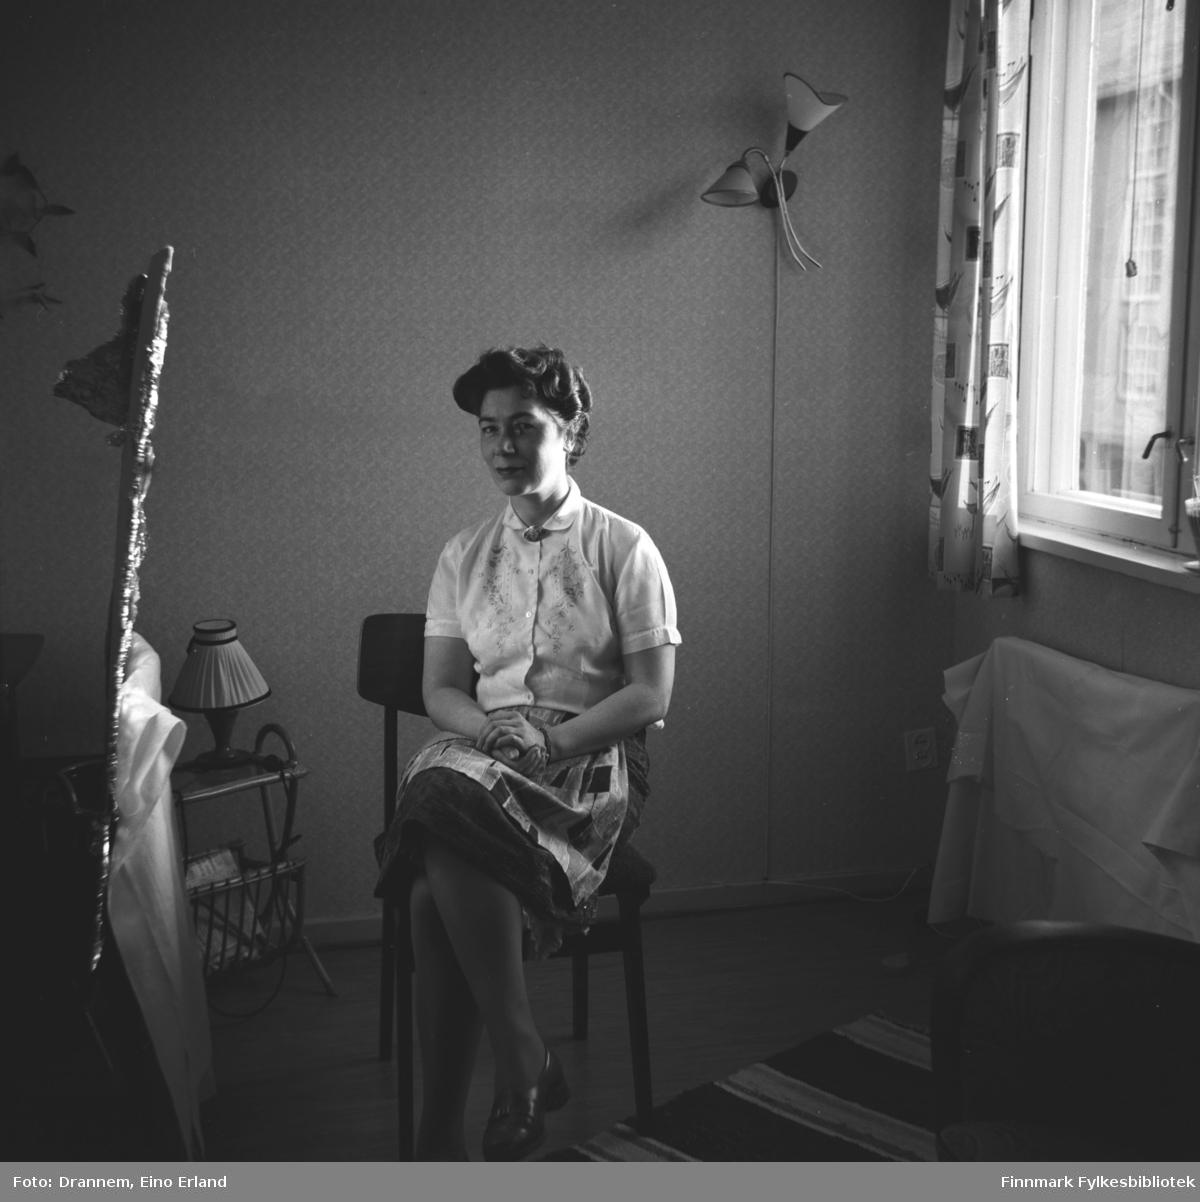 Portrett av Jenny Drannem. 'Hjemmelaget' refleksskjerm er laget av aluminiumspapir. Liknende motiver fra 06009-254 til 06009-265